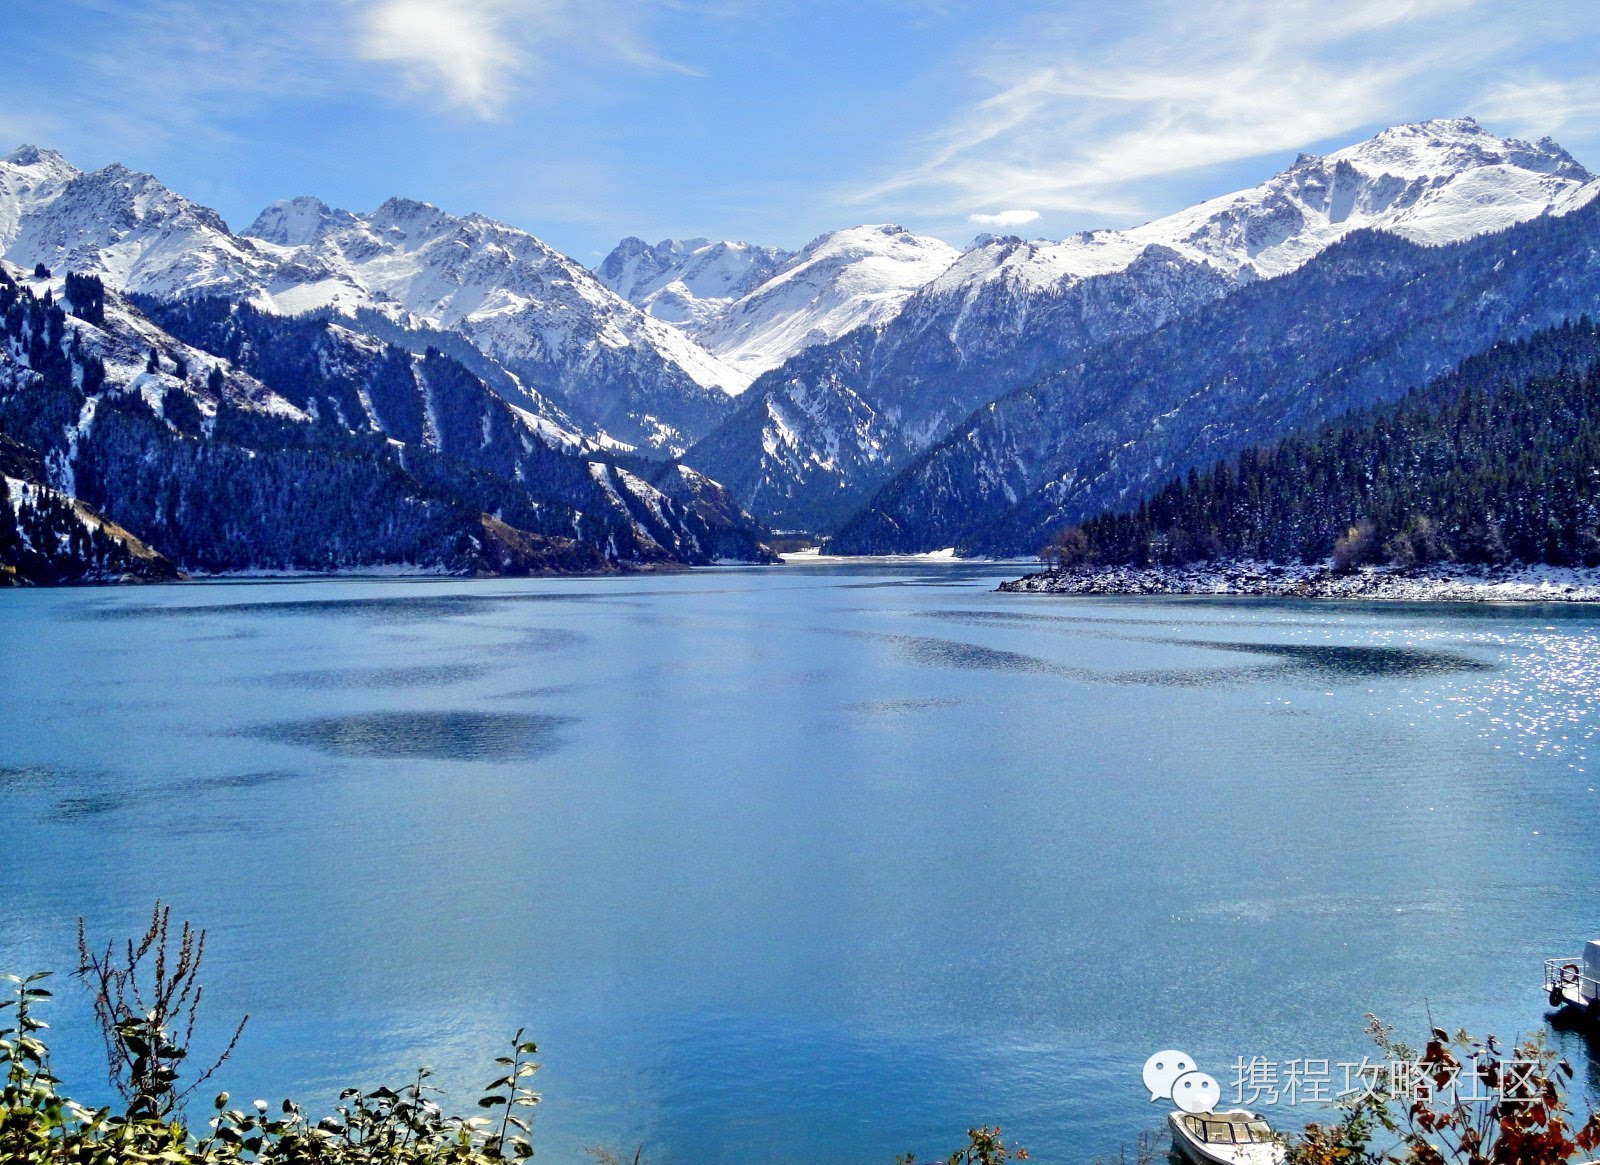 坐火车去新疆吧,全程不到400块,沿途风景超惊艳!